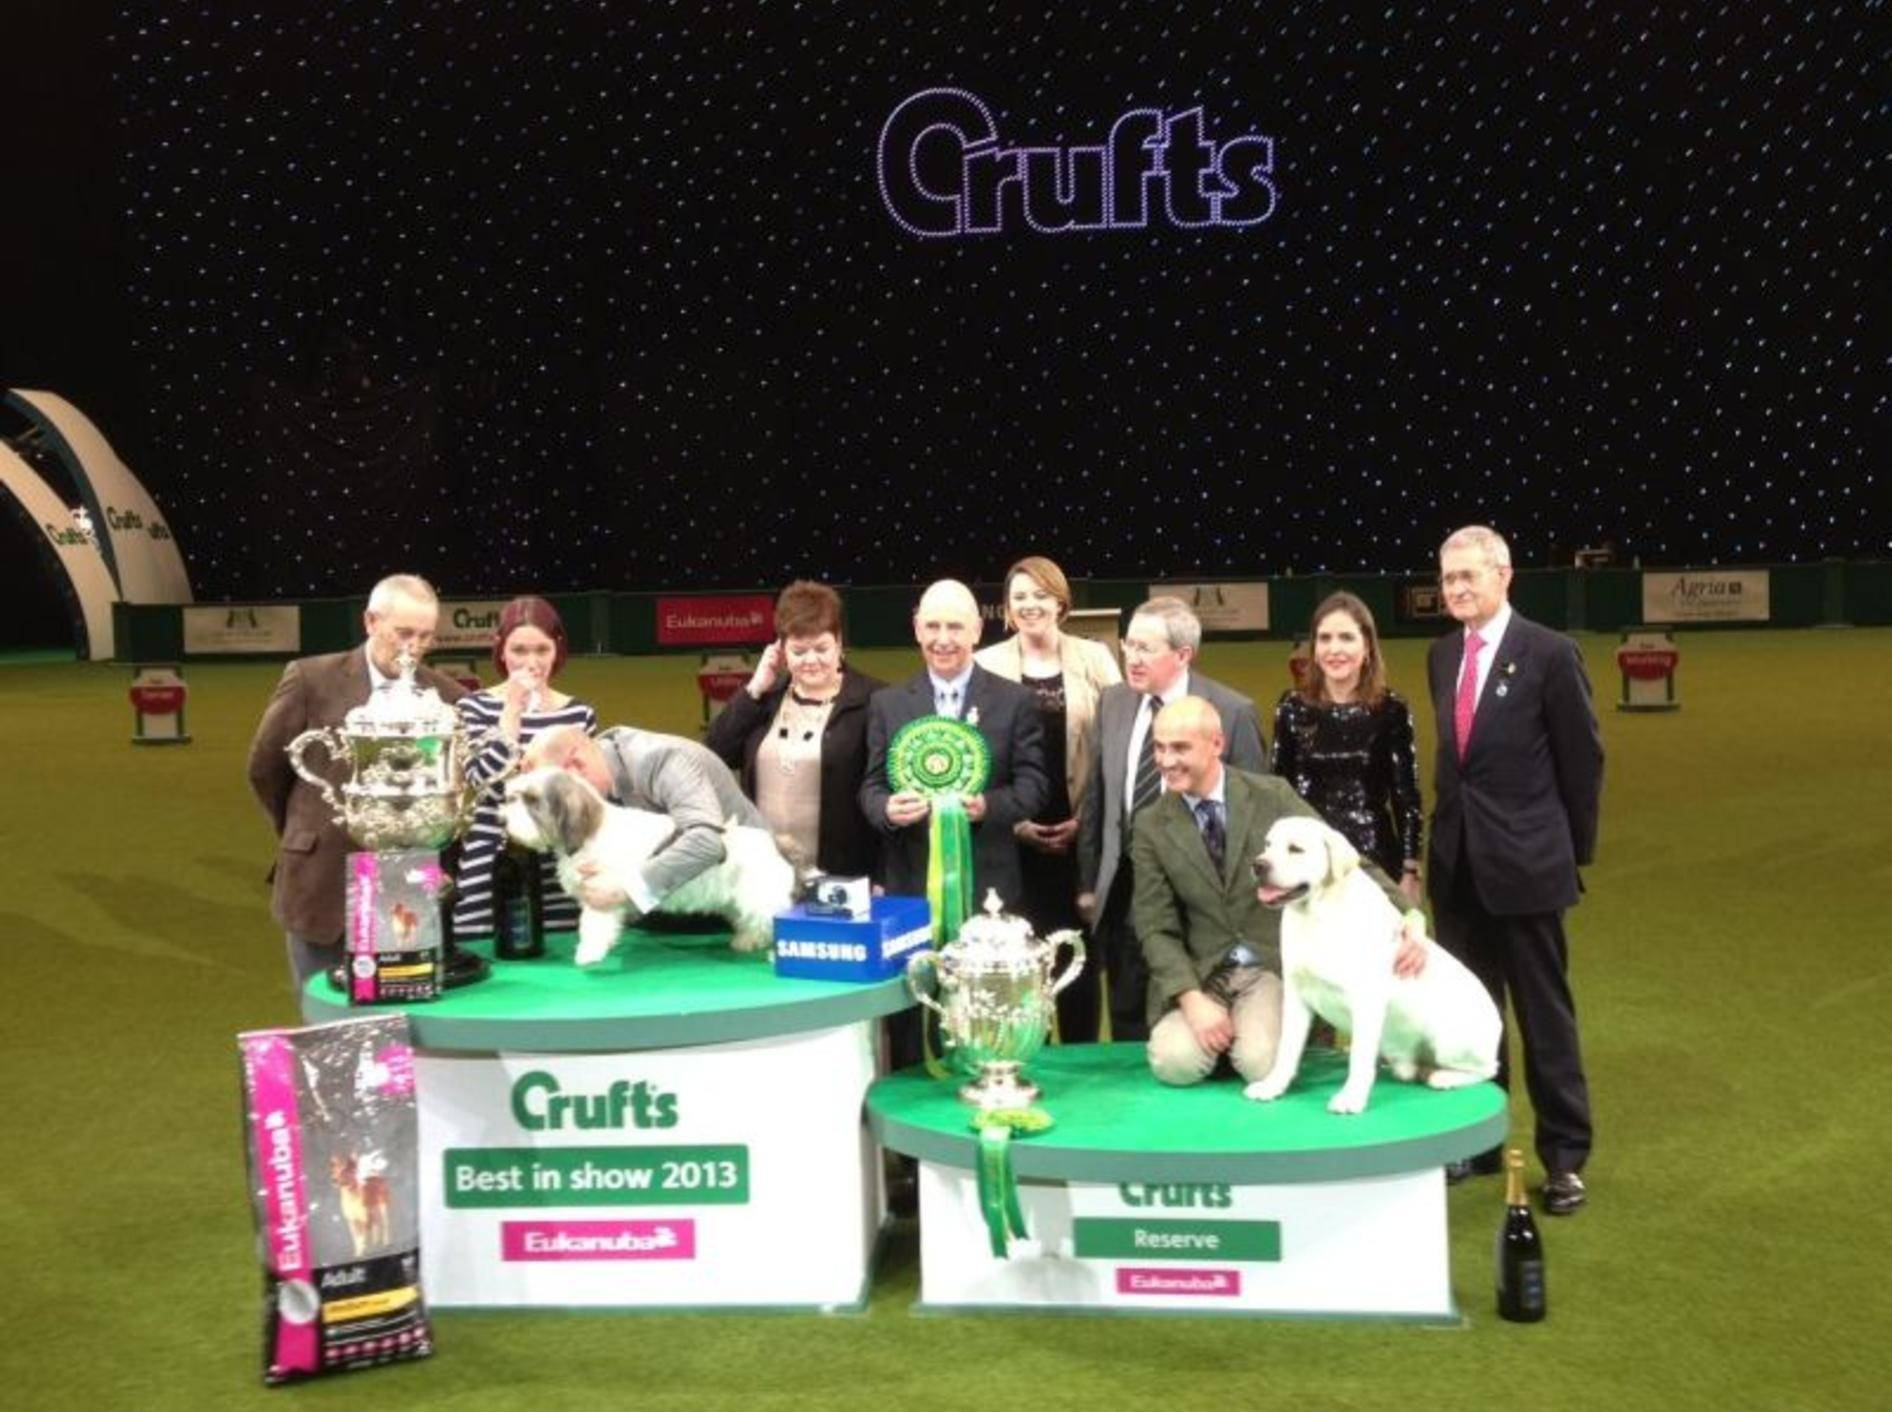 Die Crufts Hundeschau und einige ihrer Gewinner — Bild: 2013 Facebook / Crufts